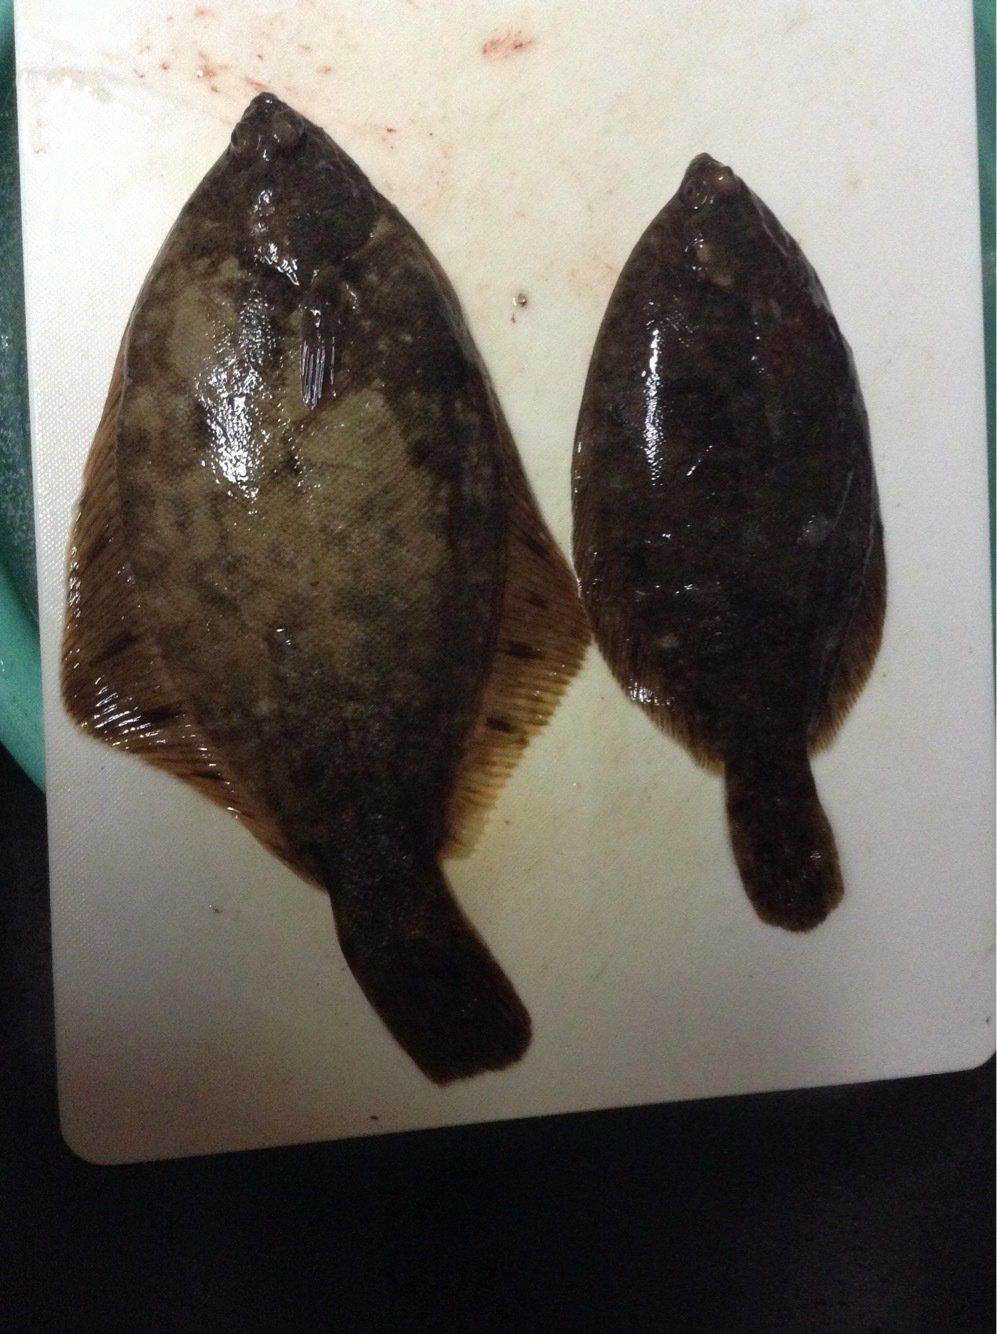 hirorinto0817さんの投稿画像,写っている魚はカレイ